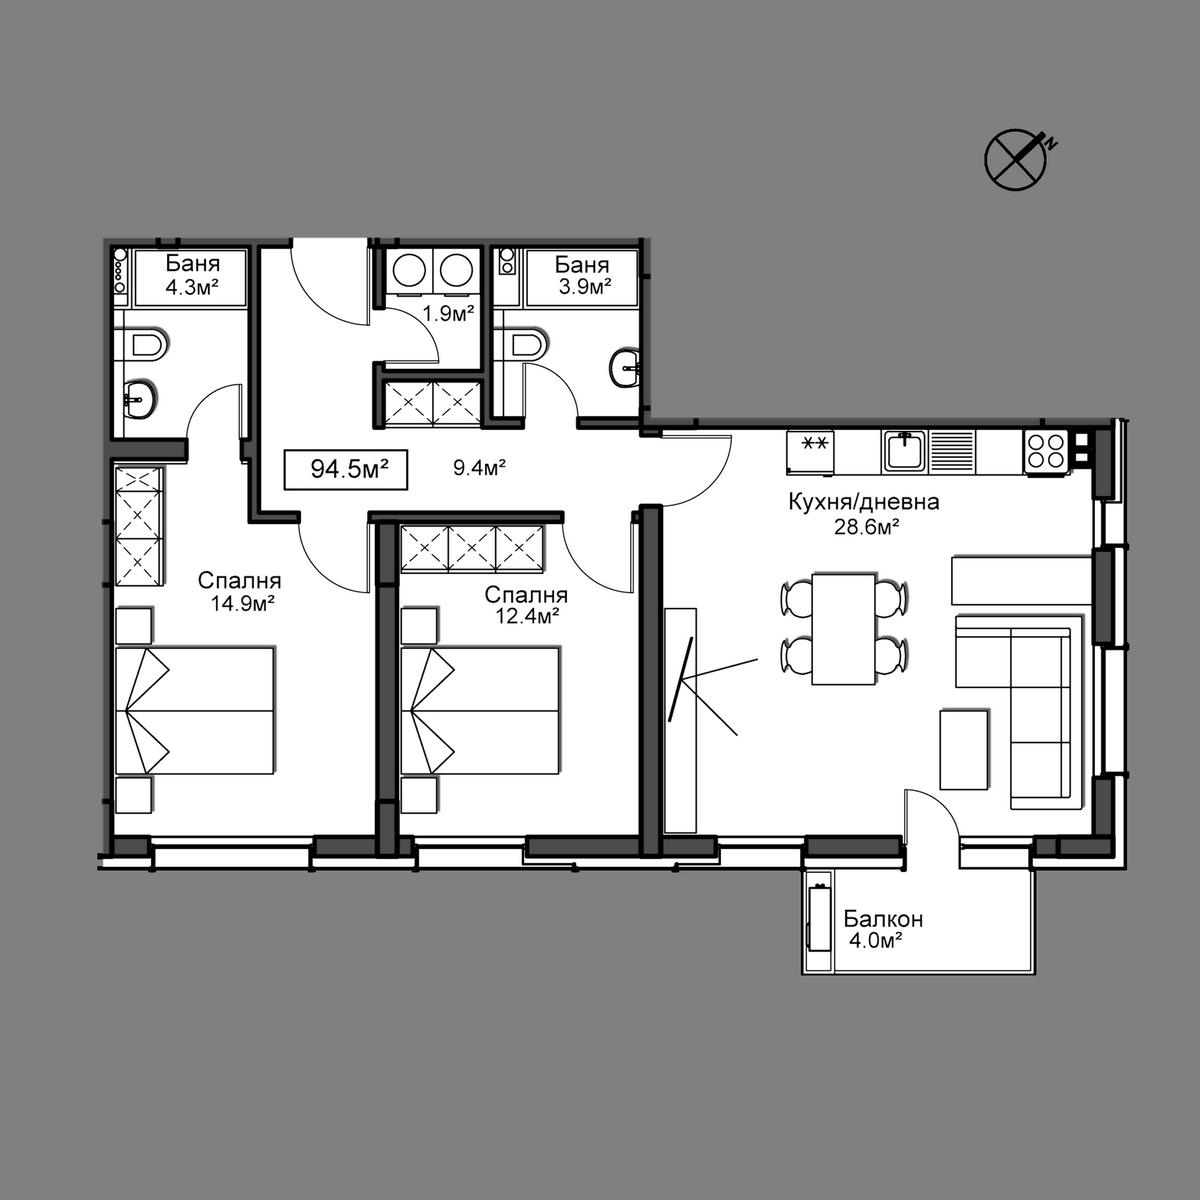 Апартамент 28